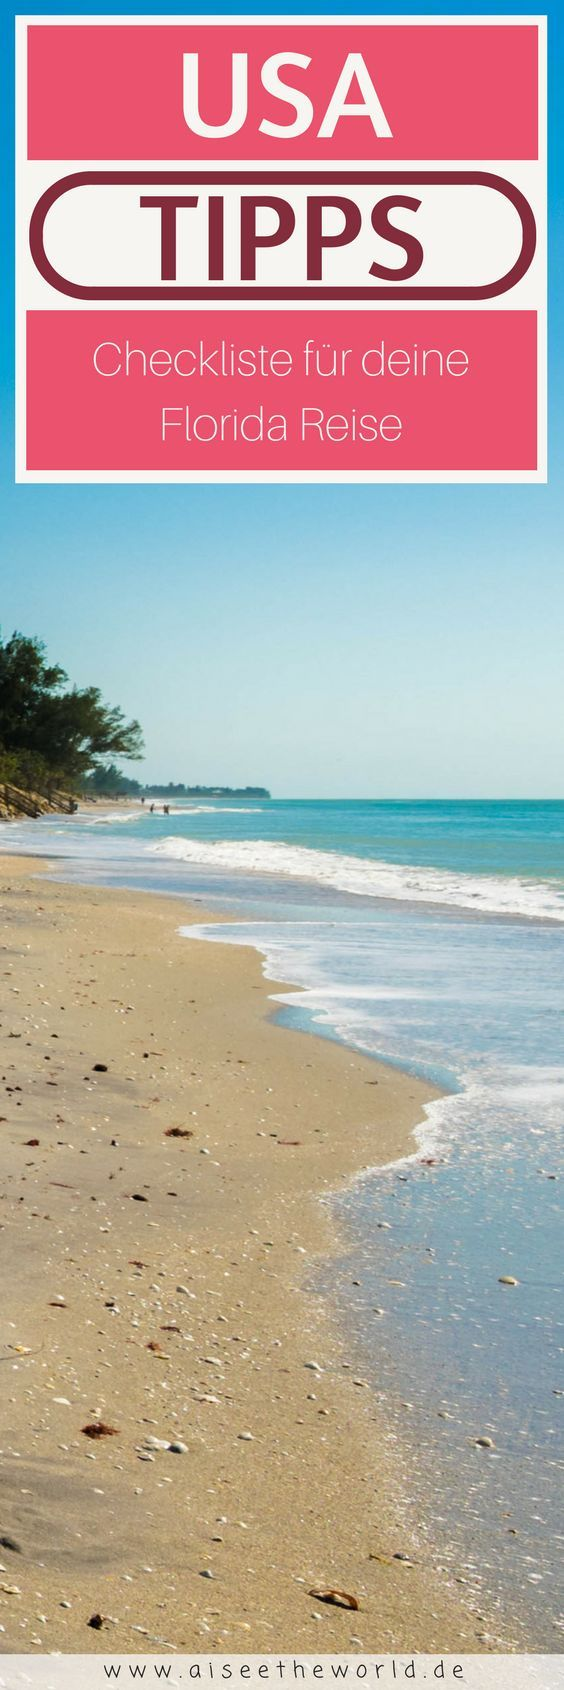 USA Tipps - Checkliste für deine Florida Reise. Mehr Reisetipps für deinen Urlaub in Florida findest du auf dem Reiseblog.